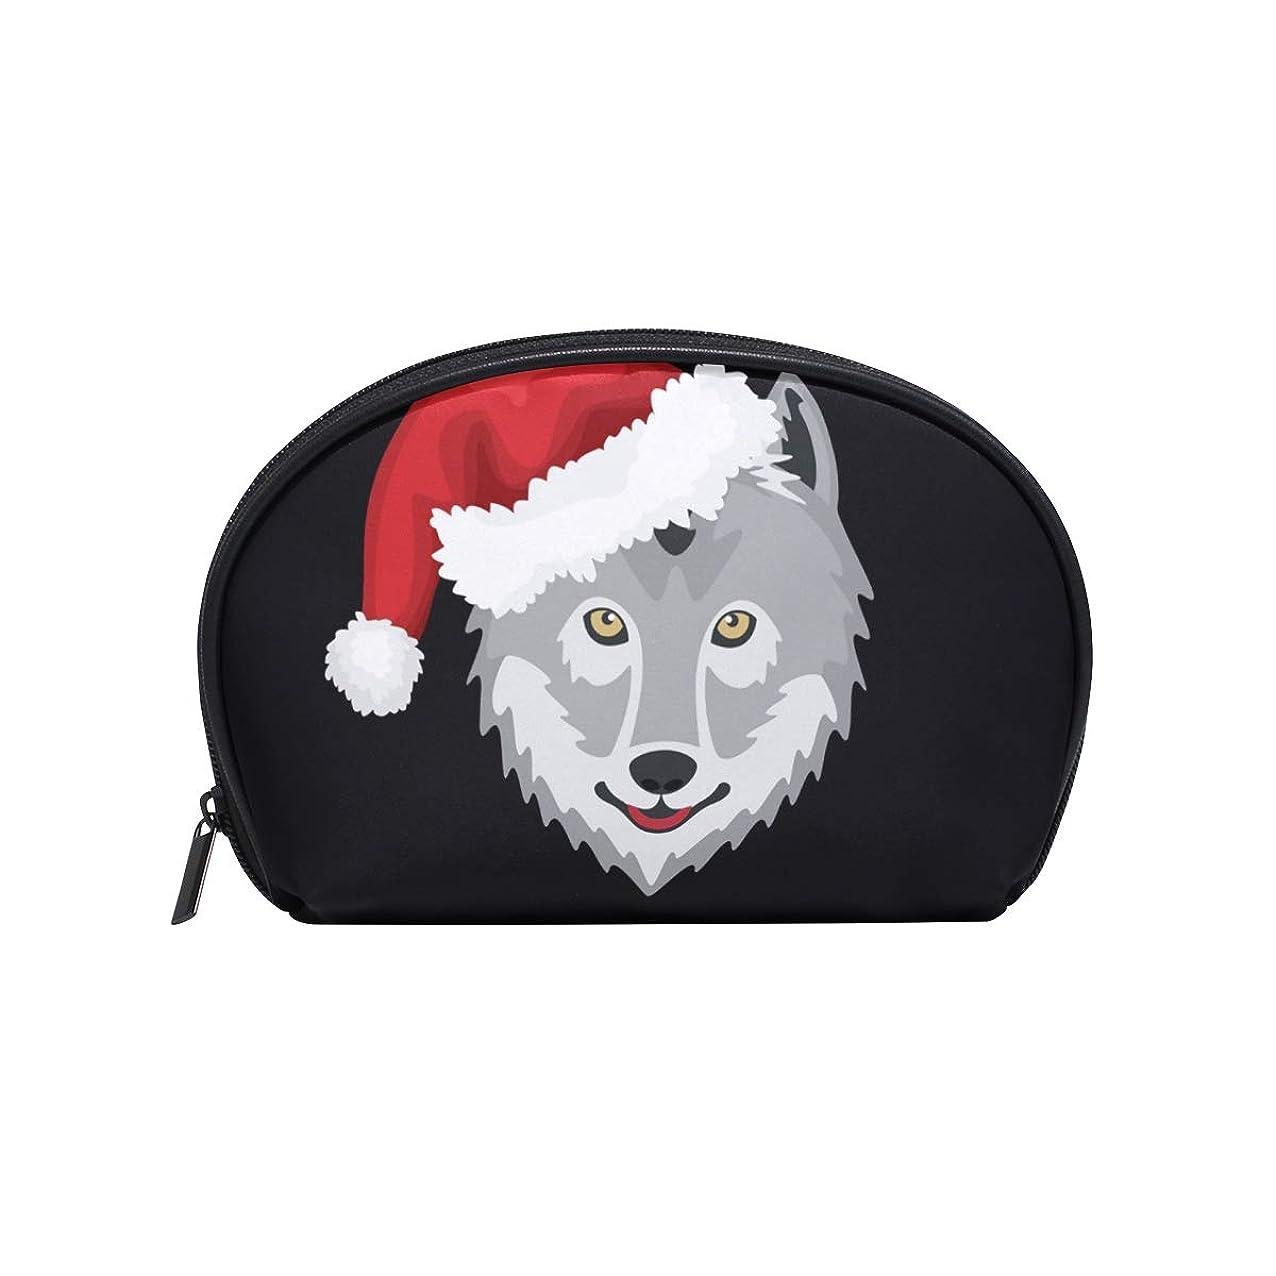 離れてフォーマル祝う半月型 北欧 オオカミ 化粧ポーチ コスメポーチ コスメバッグ メイクポーチ 大容量 旅行 小物入れ